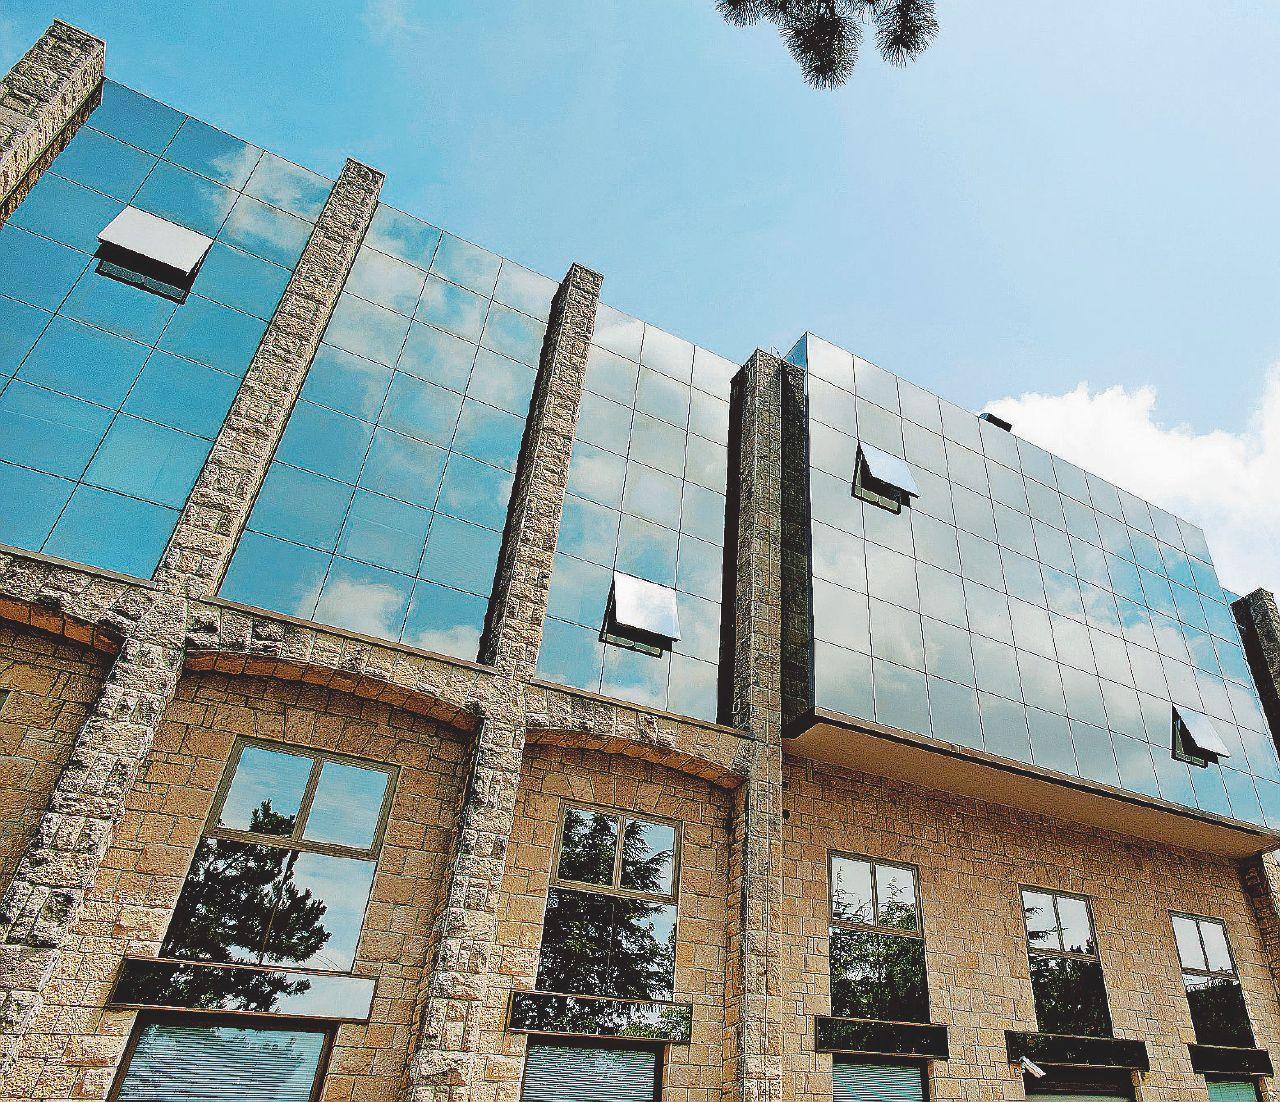 Affari spericolati e parentele: i guai della Banca centrale di San Marino